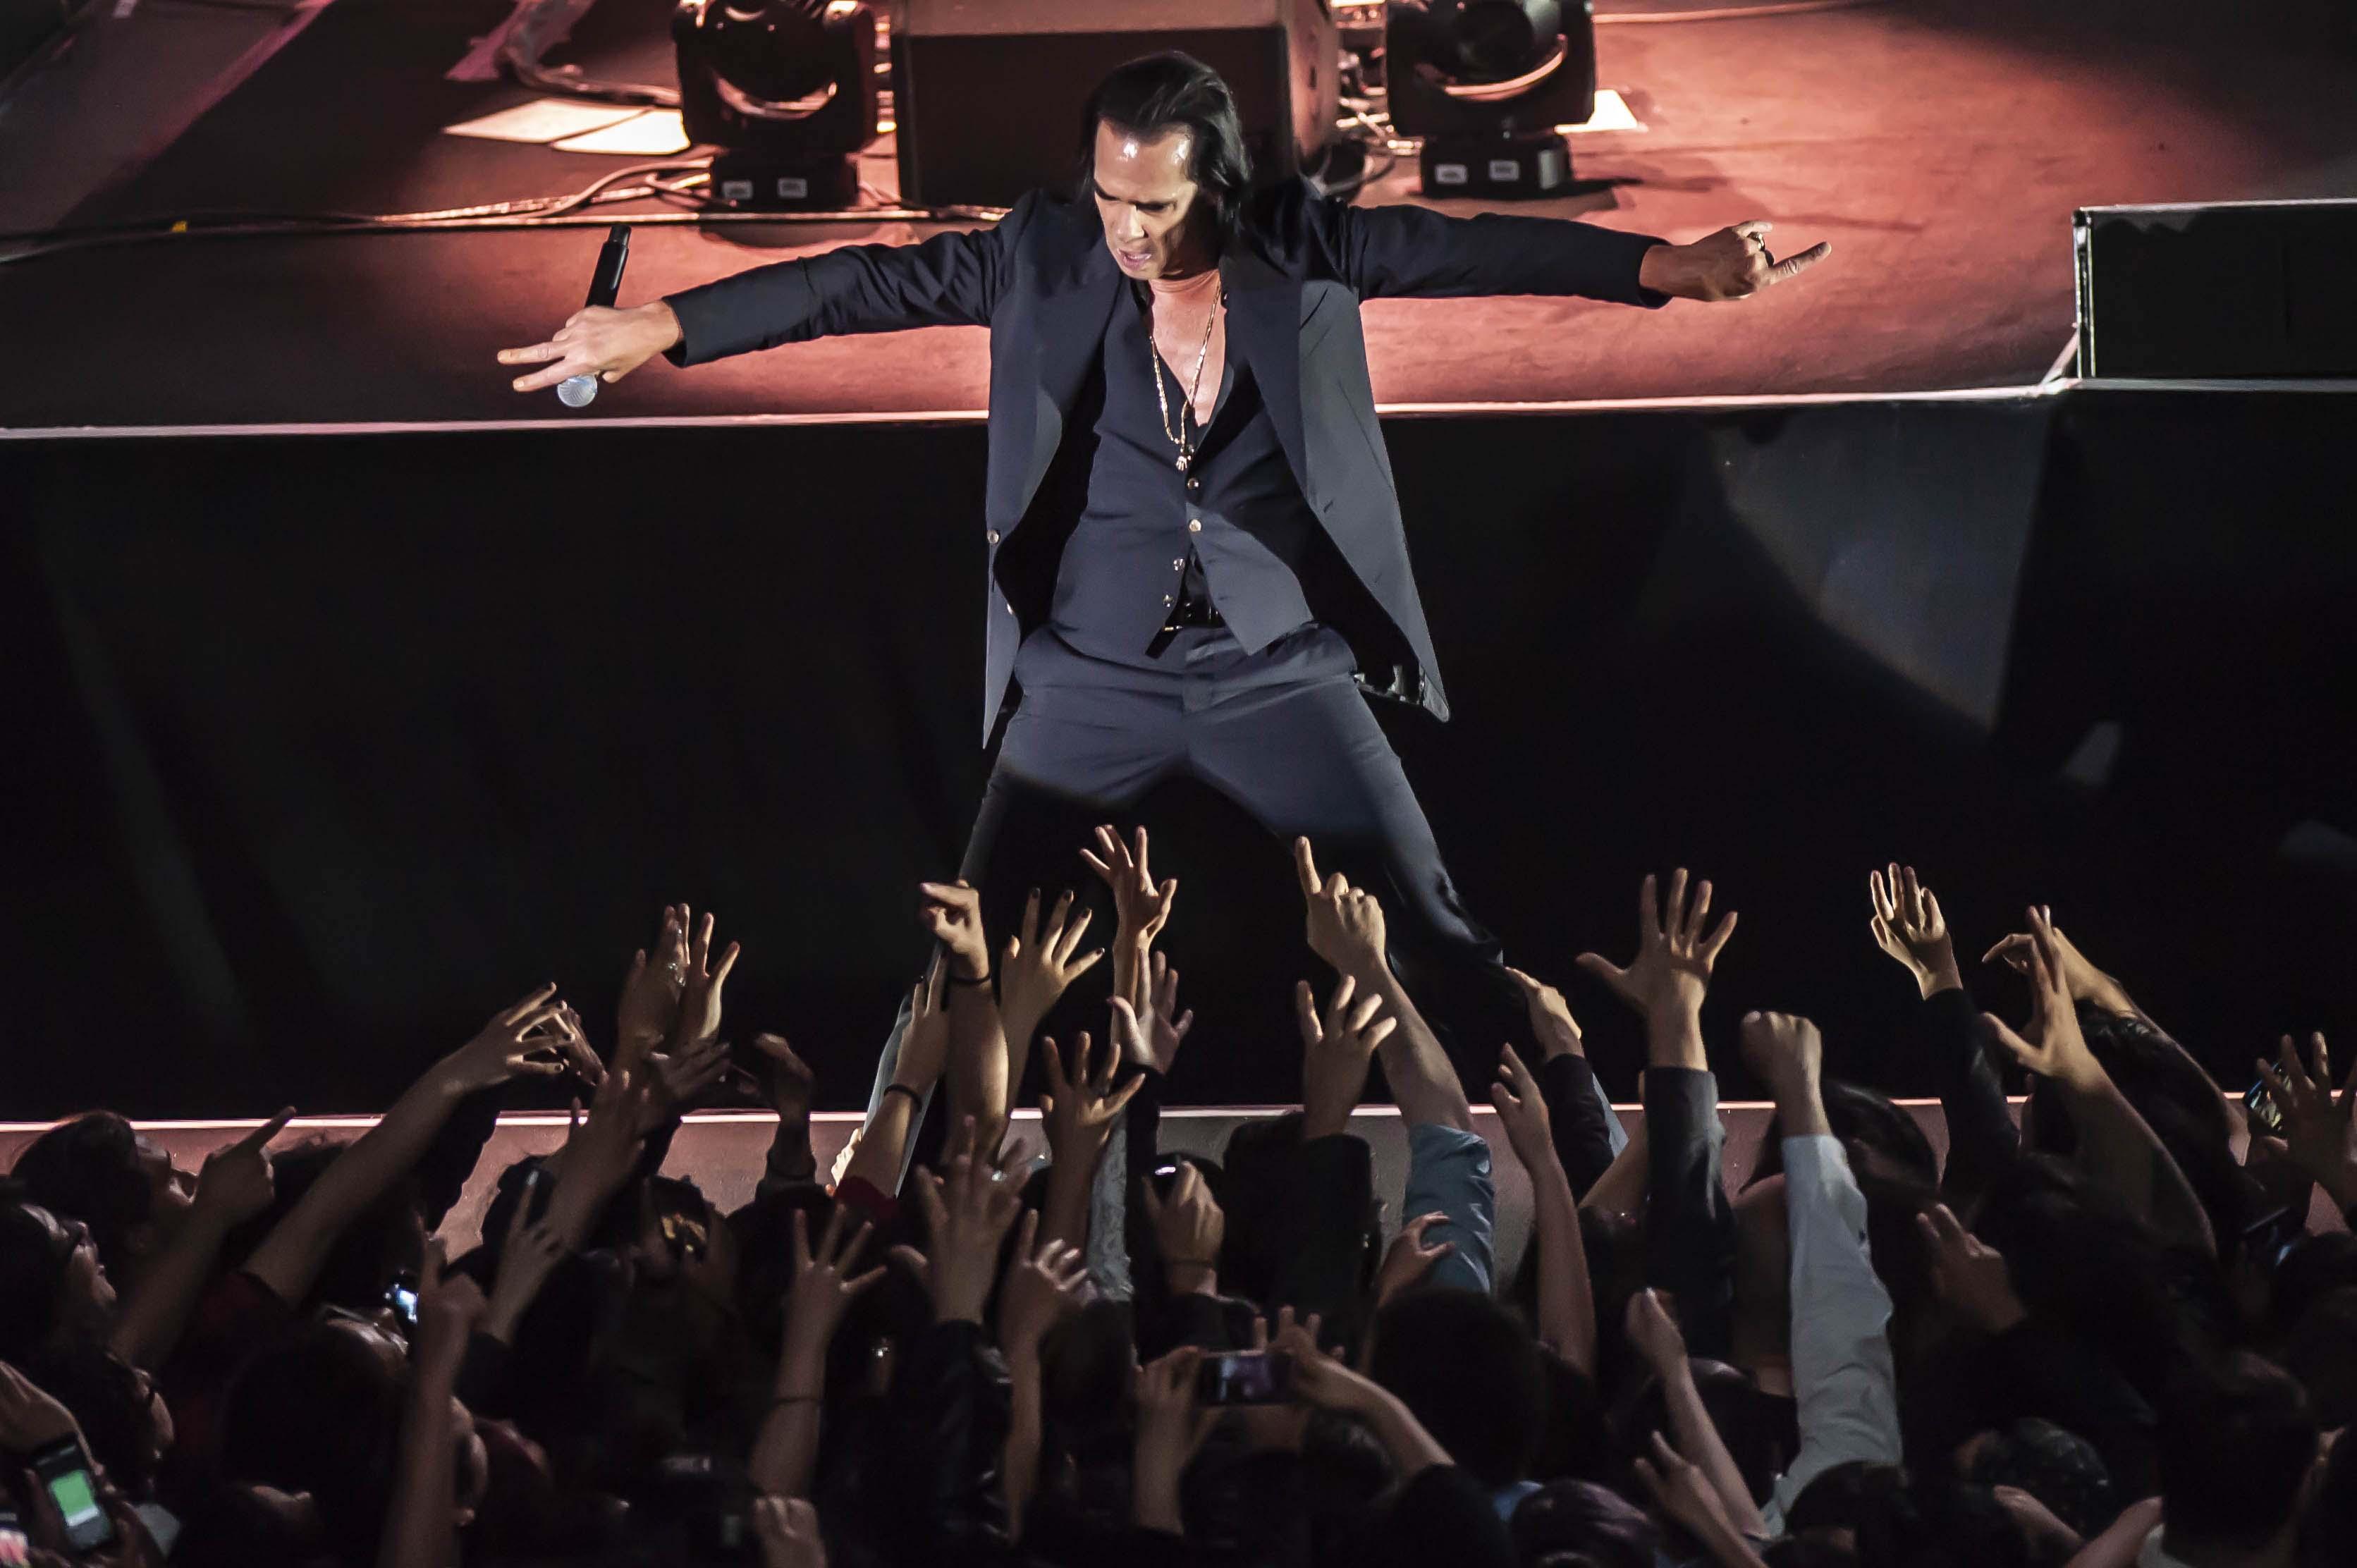 ¿Habrá nuevo disco de Nick Cave & The Bad Seeds este 2019? Todo apunta a que sí